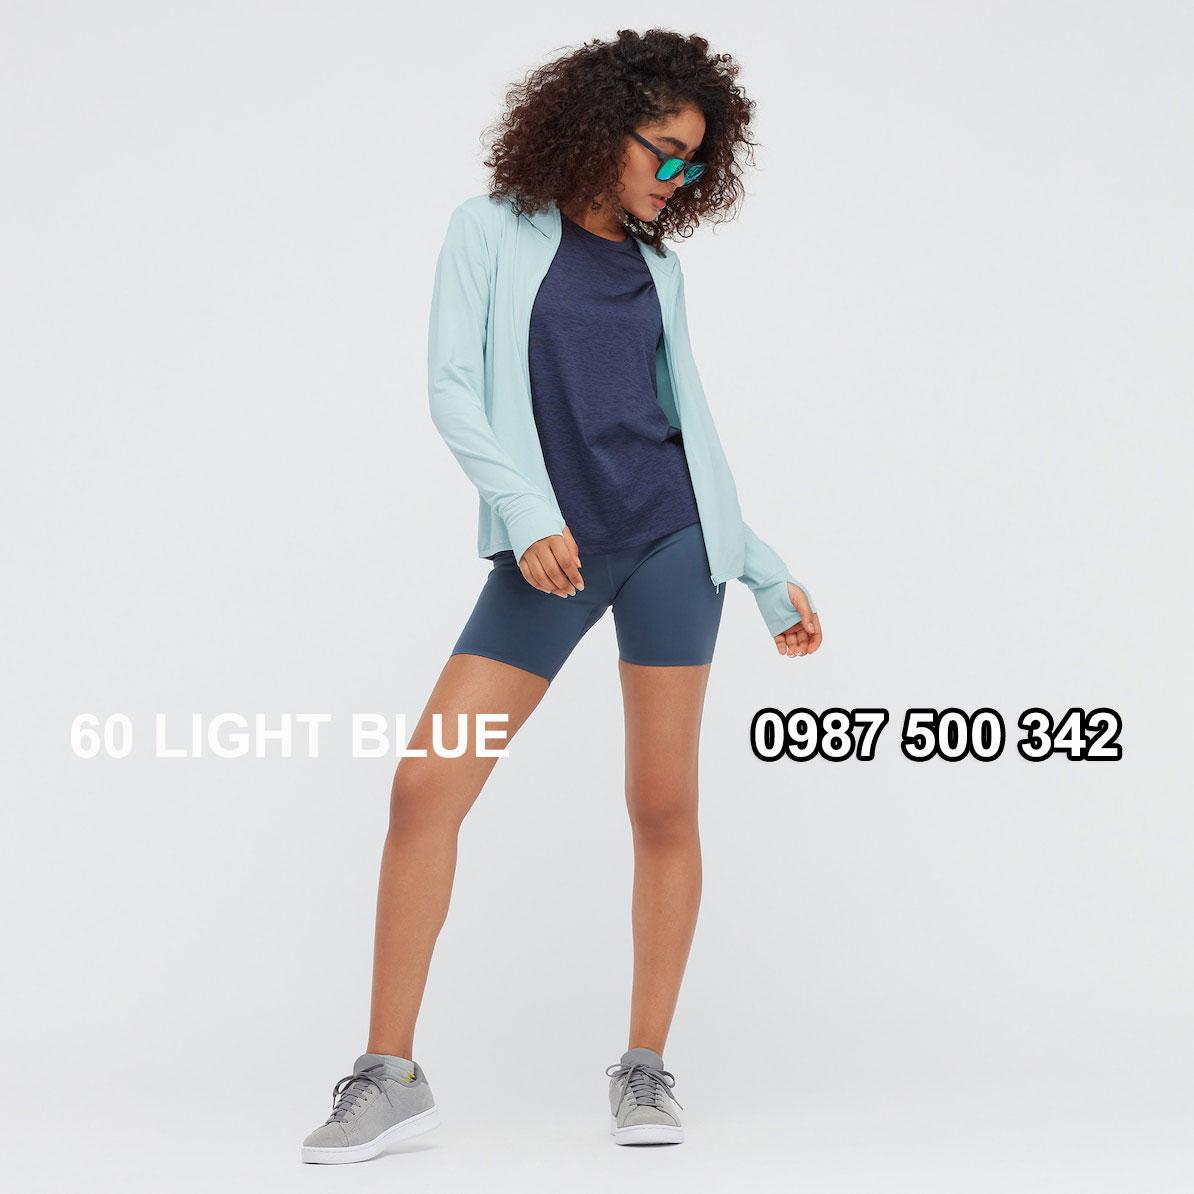 Áo chống nắng nữ Uniqlo AiRism 2021 màu xanh da trời 60 LIGHT BLUE 433703